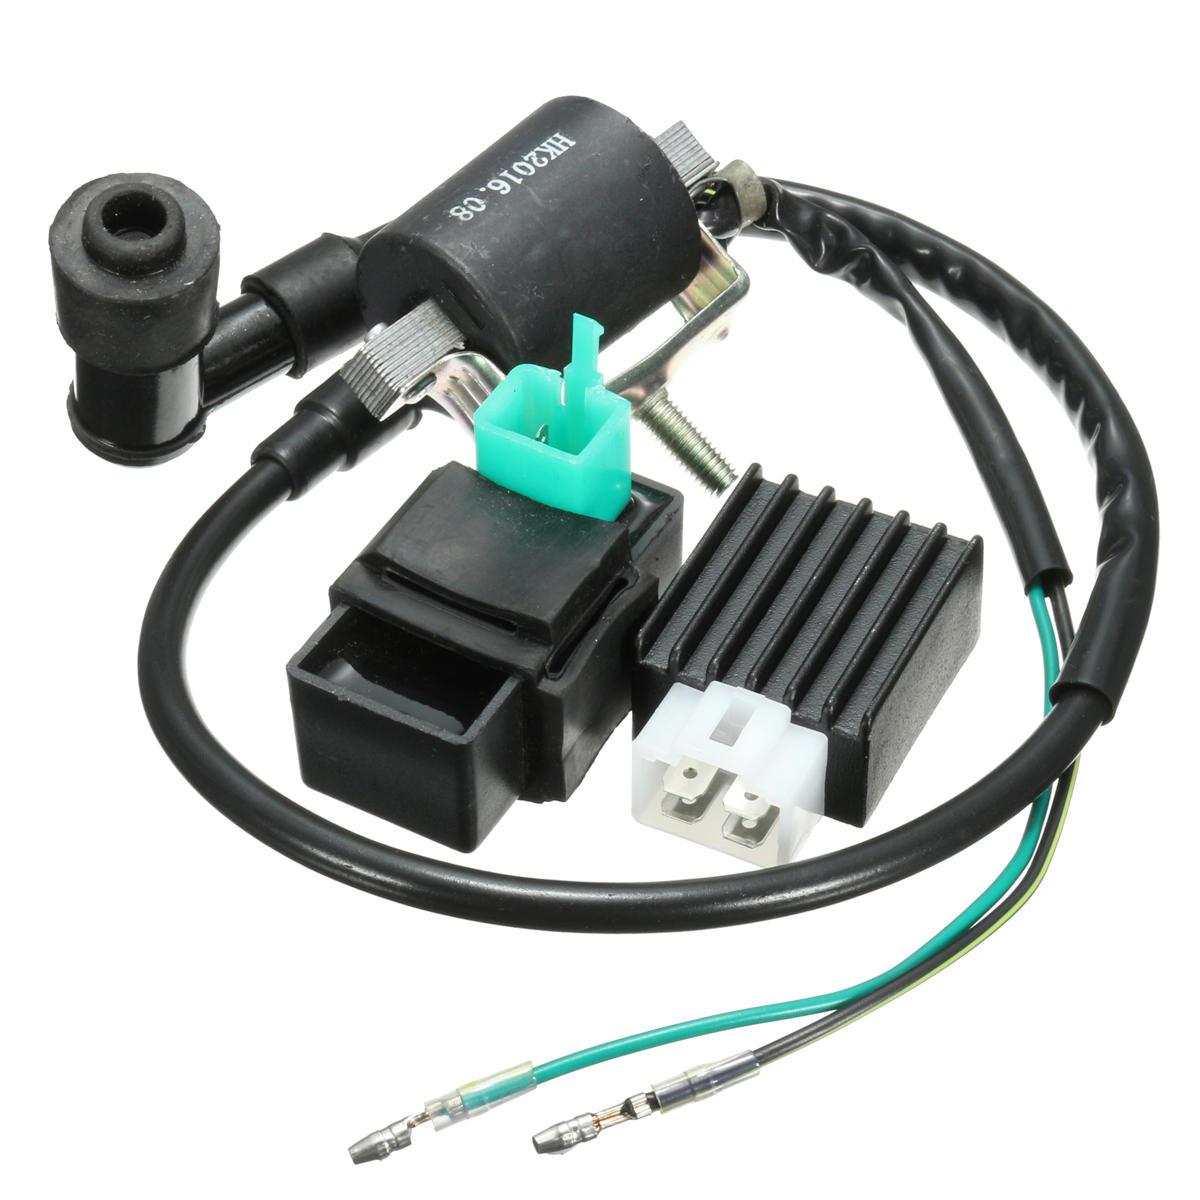 Bộ điều chỉnh CDI cuộn dây đánh lửa cho 110cc 125cc 140cc Pit Dirt Bike